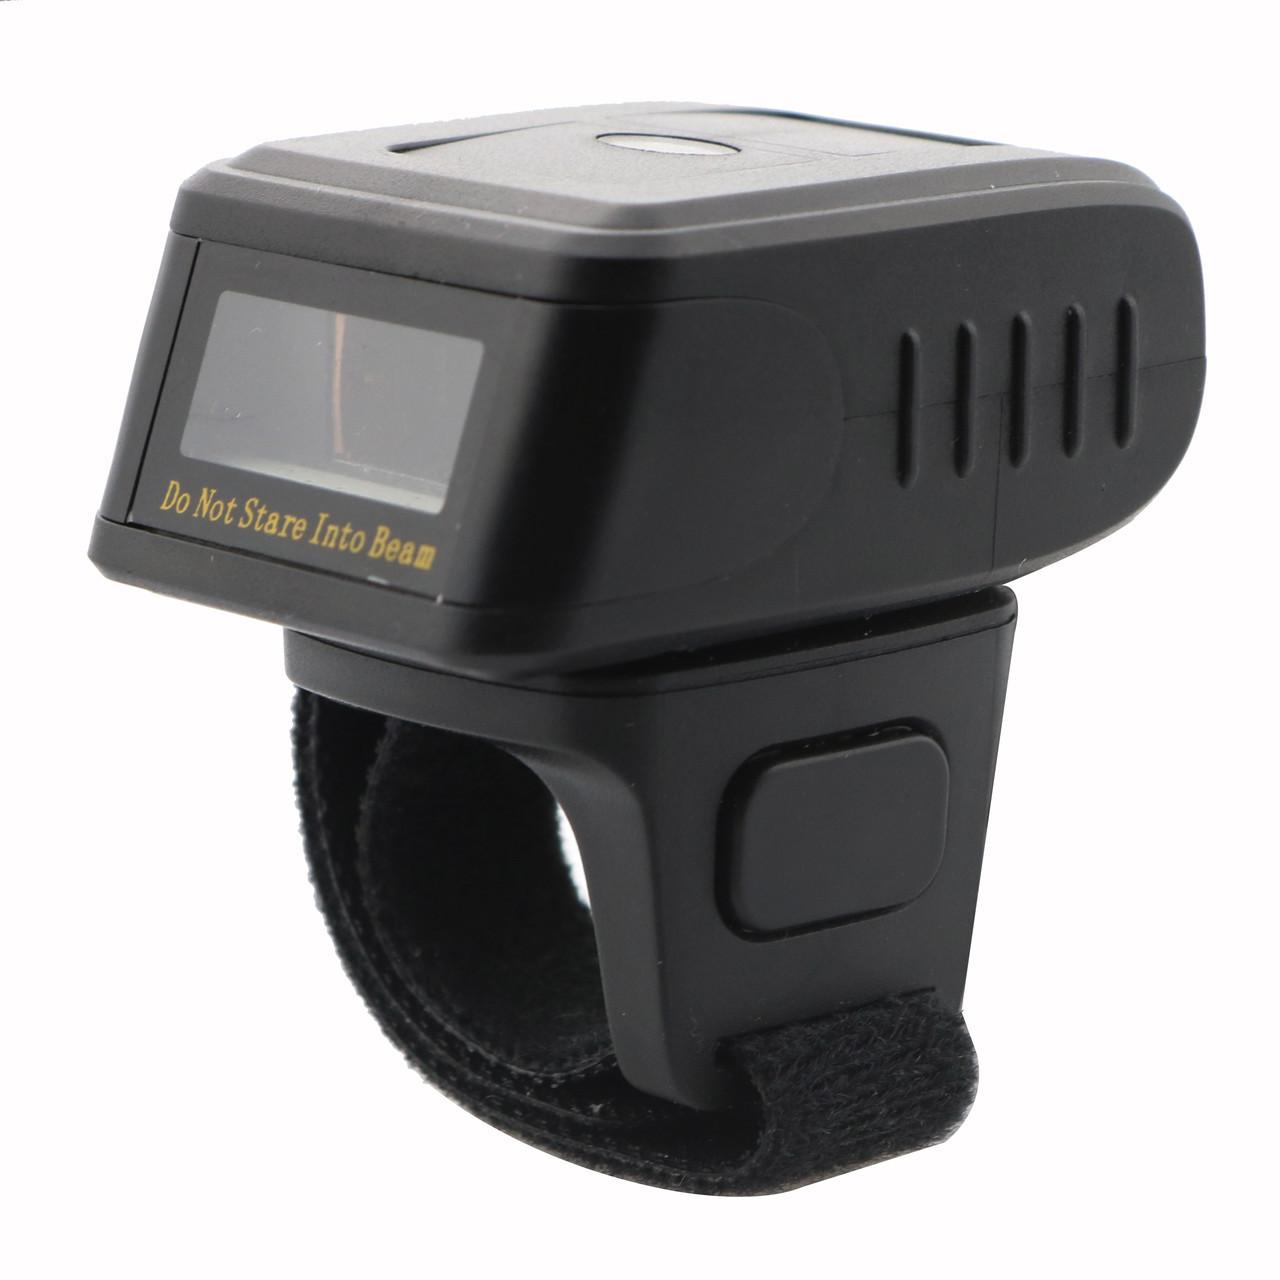 Лазерный портативный сканер штрих-кода беспроводный AsianWell AW-1001R  Bluetooth чёрный (AW-1001R)